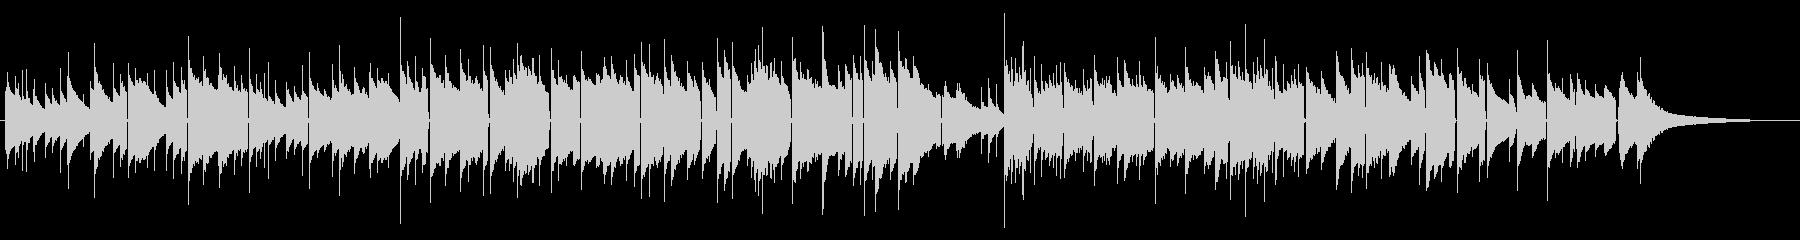 オルゴールの優しいメロディ 泣けるBGMの未再生の波形